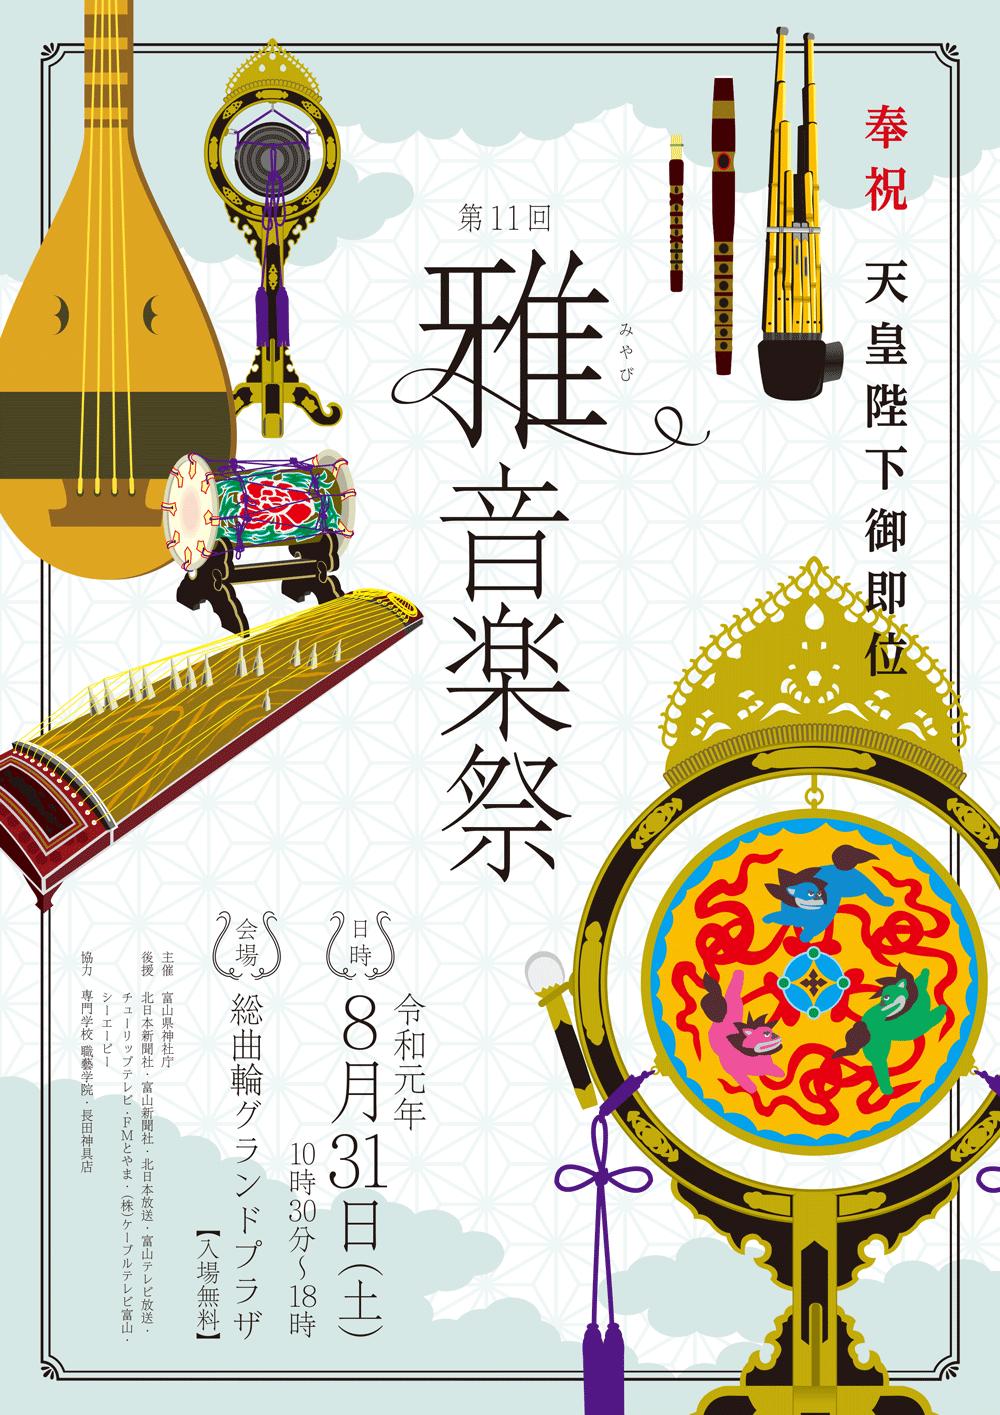 【第11回雅音楽祭2019】雅楽と神楽舞、展示・販売、体験、飲食コーナーなど満載!